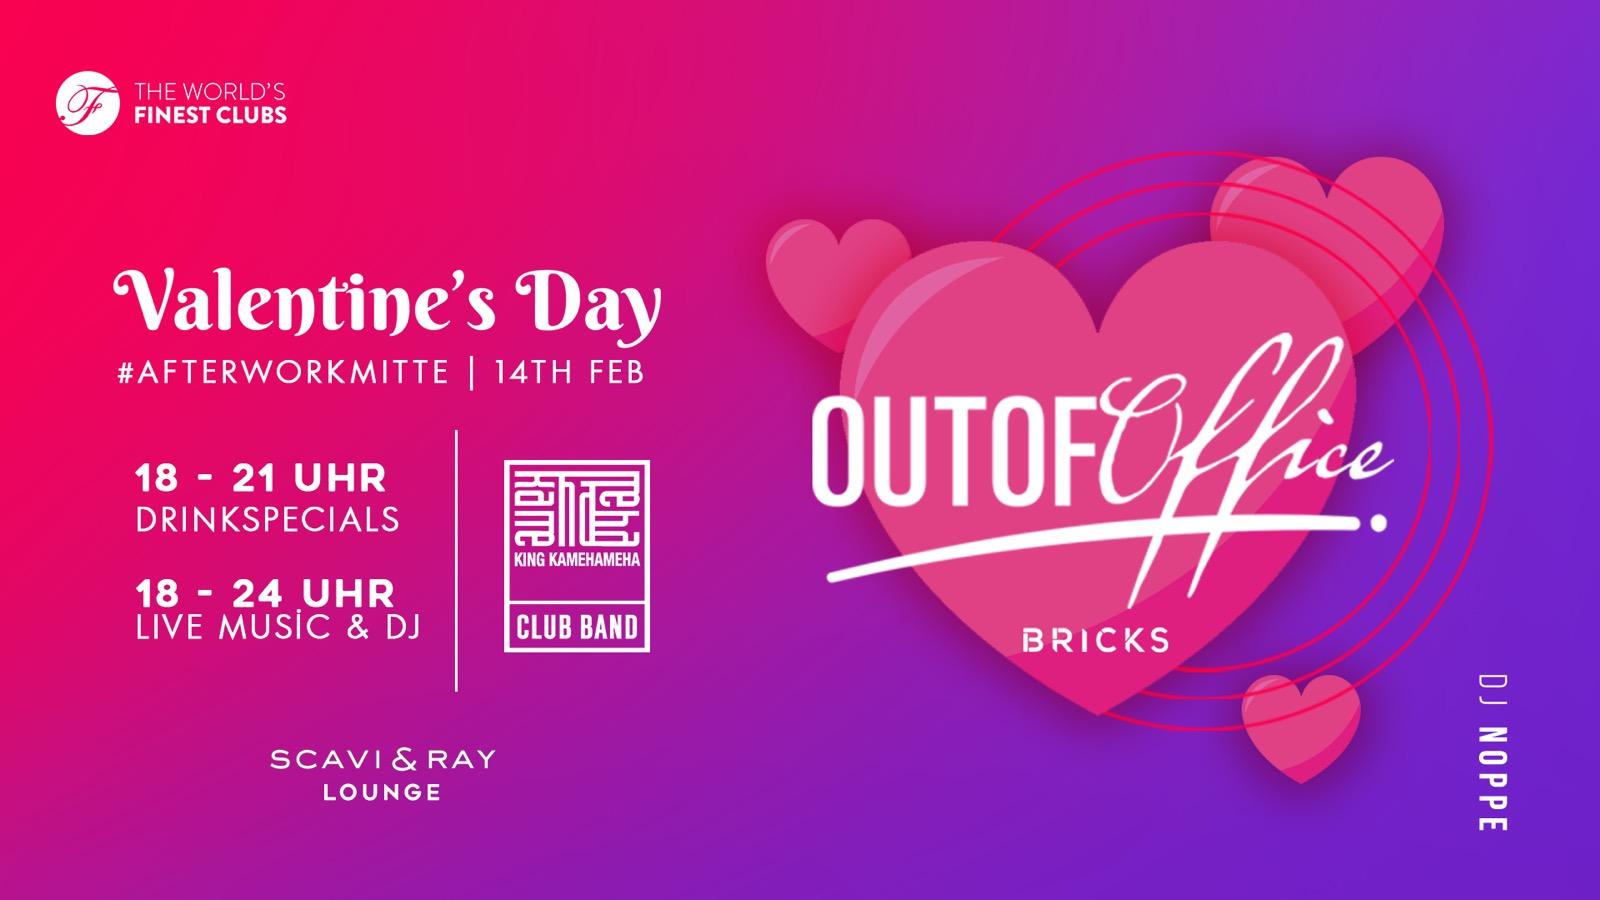 Do. 14.02.2019 ab 18 Uhr Valentinstag Out Of Office unter dem Hilton am Gendarmenmarkt Live Musik von der King Kamehameha Club Band AfterWork